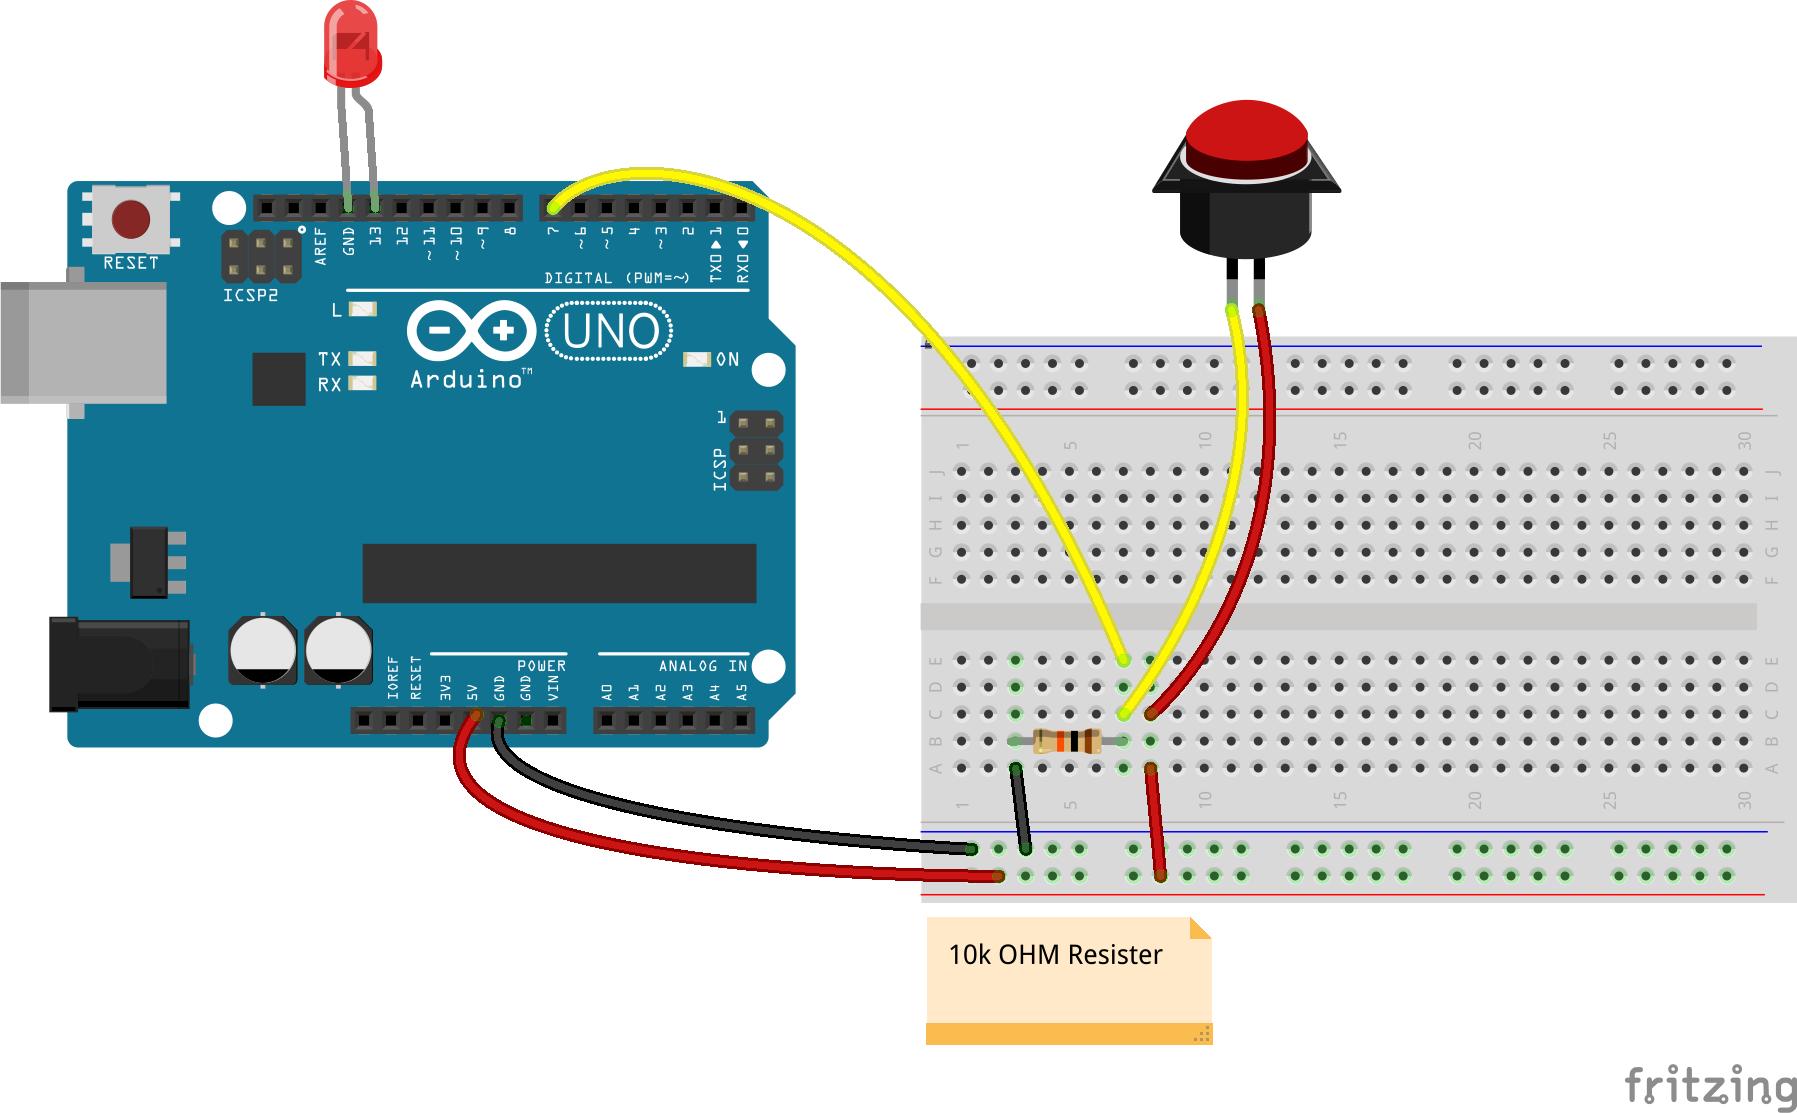 spdt wiring diagram #15 dpdt wiring diagram spdt wiring diagram #15